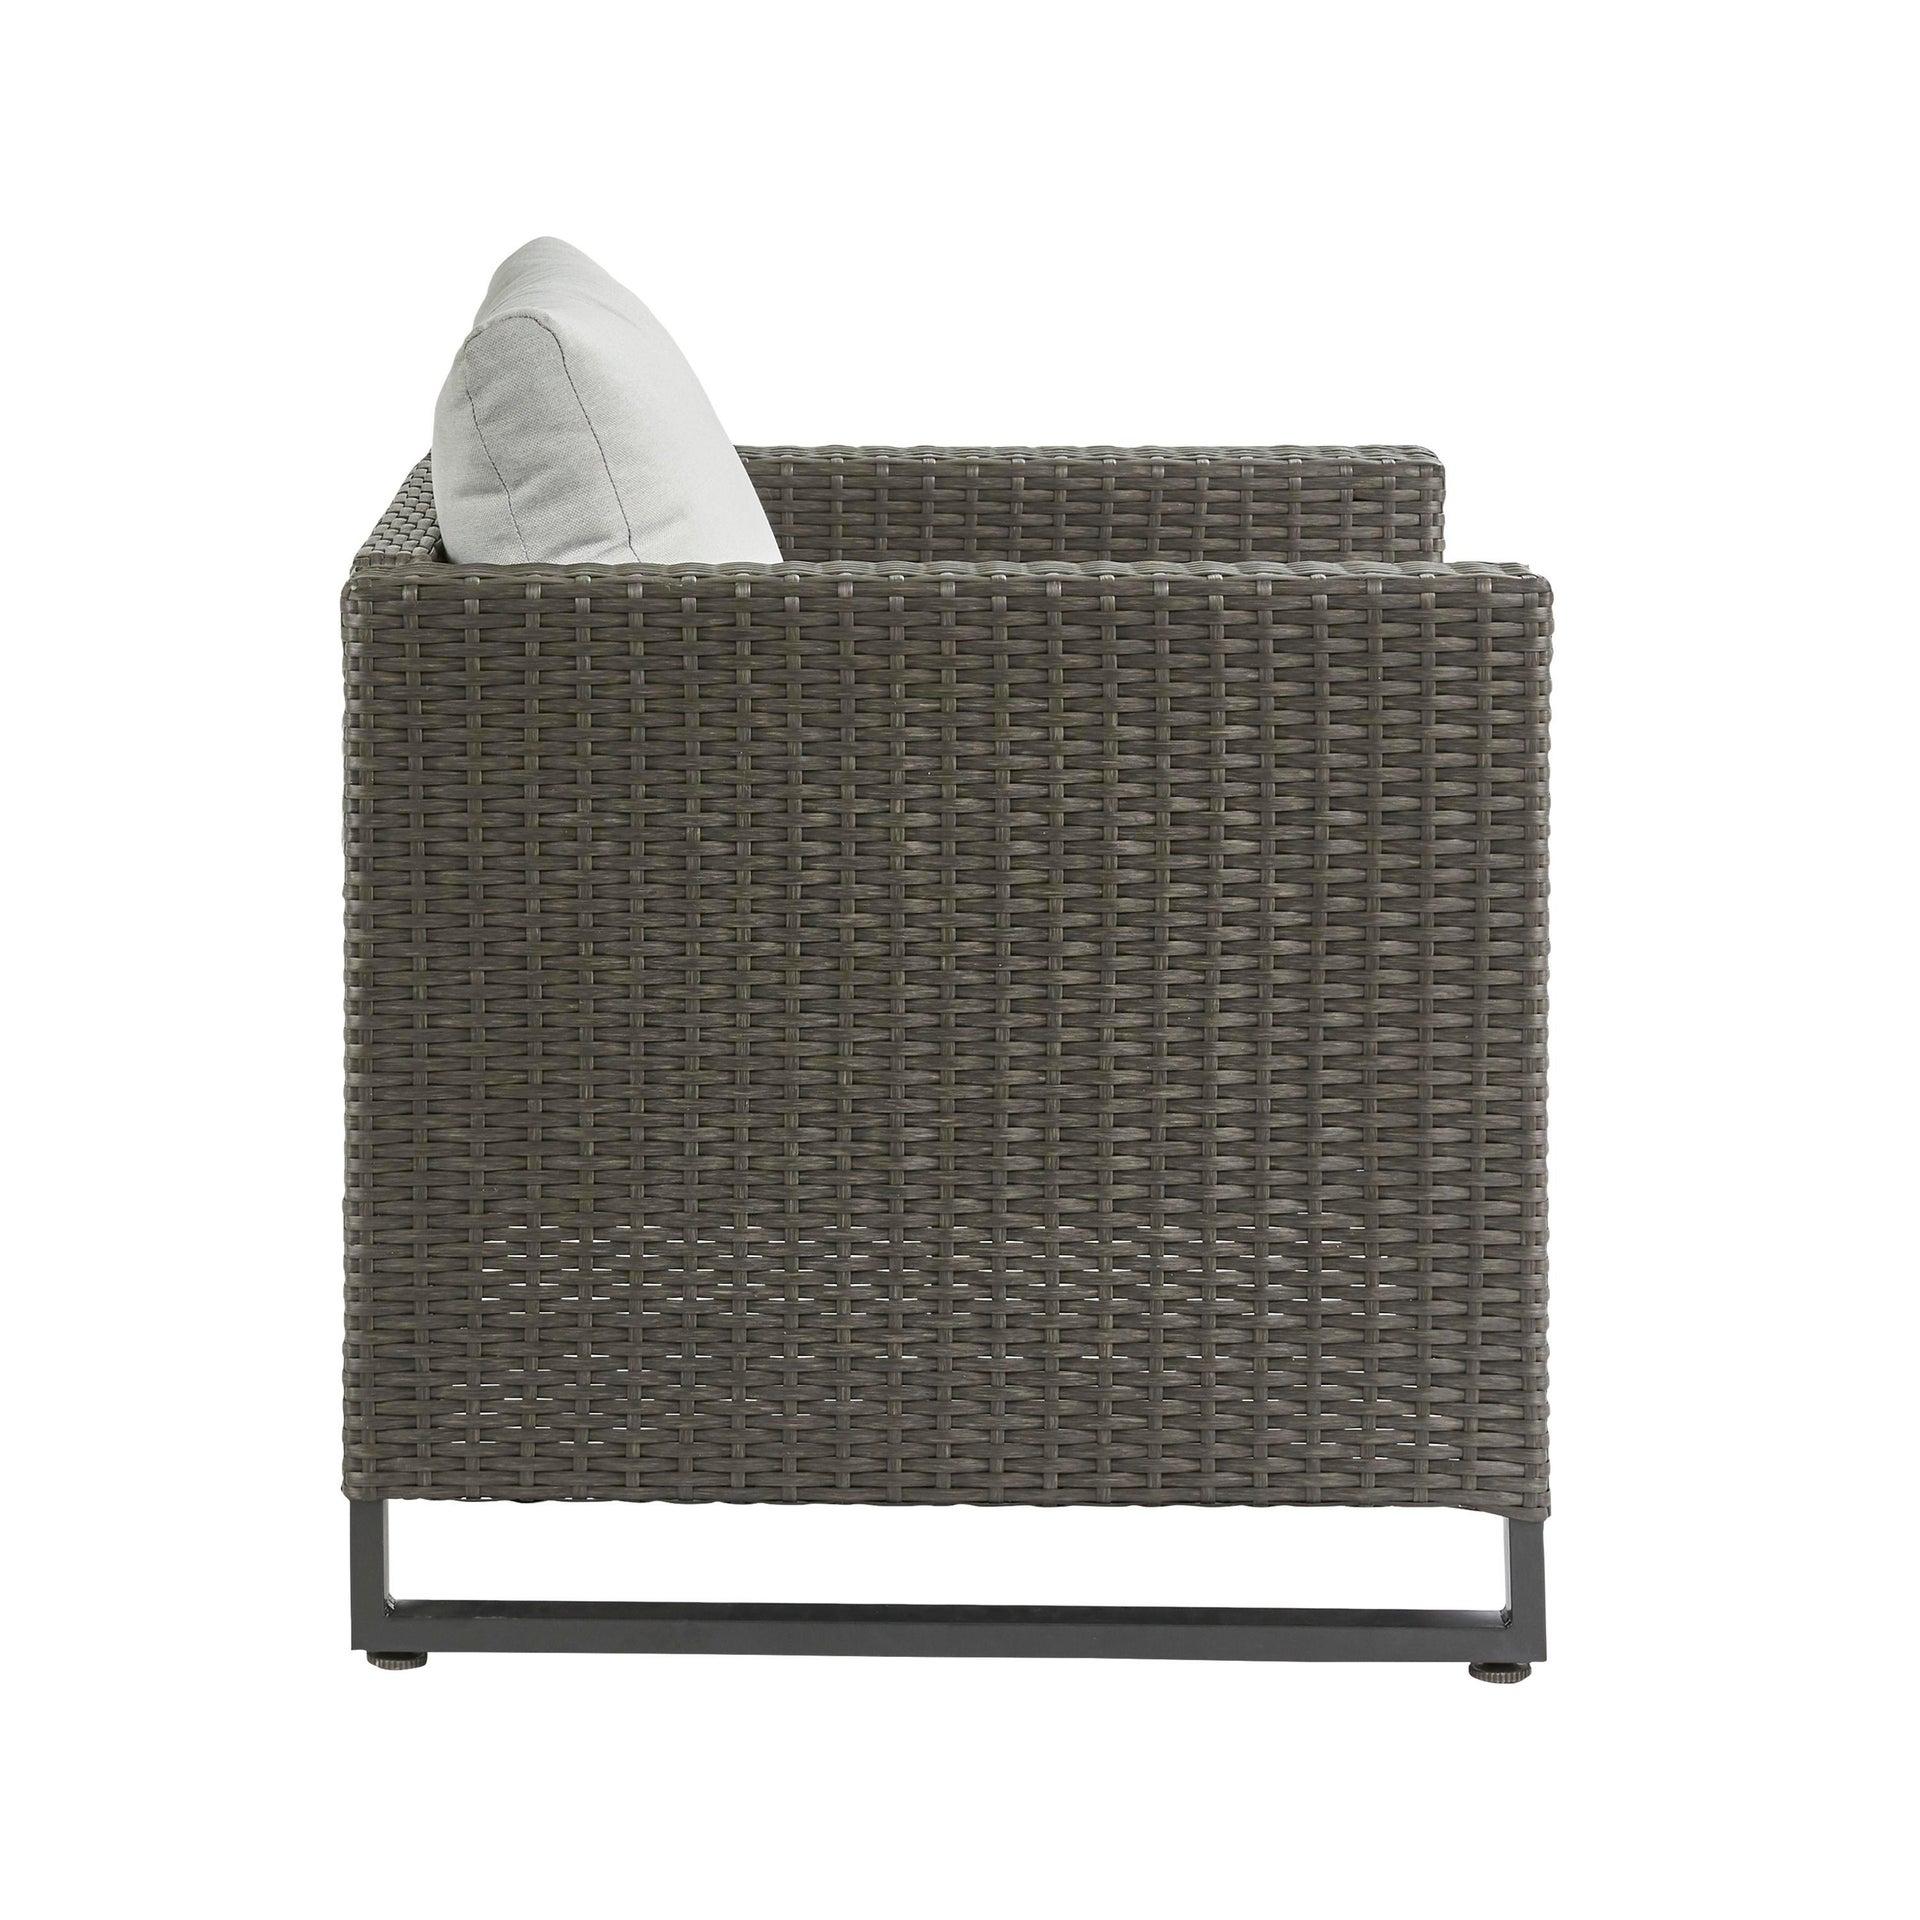 Poltrona da giardino con cuscino in acciaio Noa NATERIAL colore antracite - 6